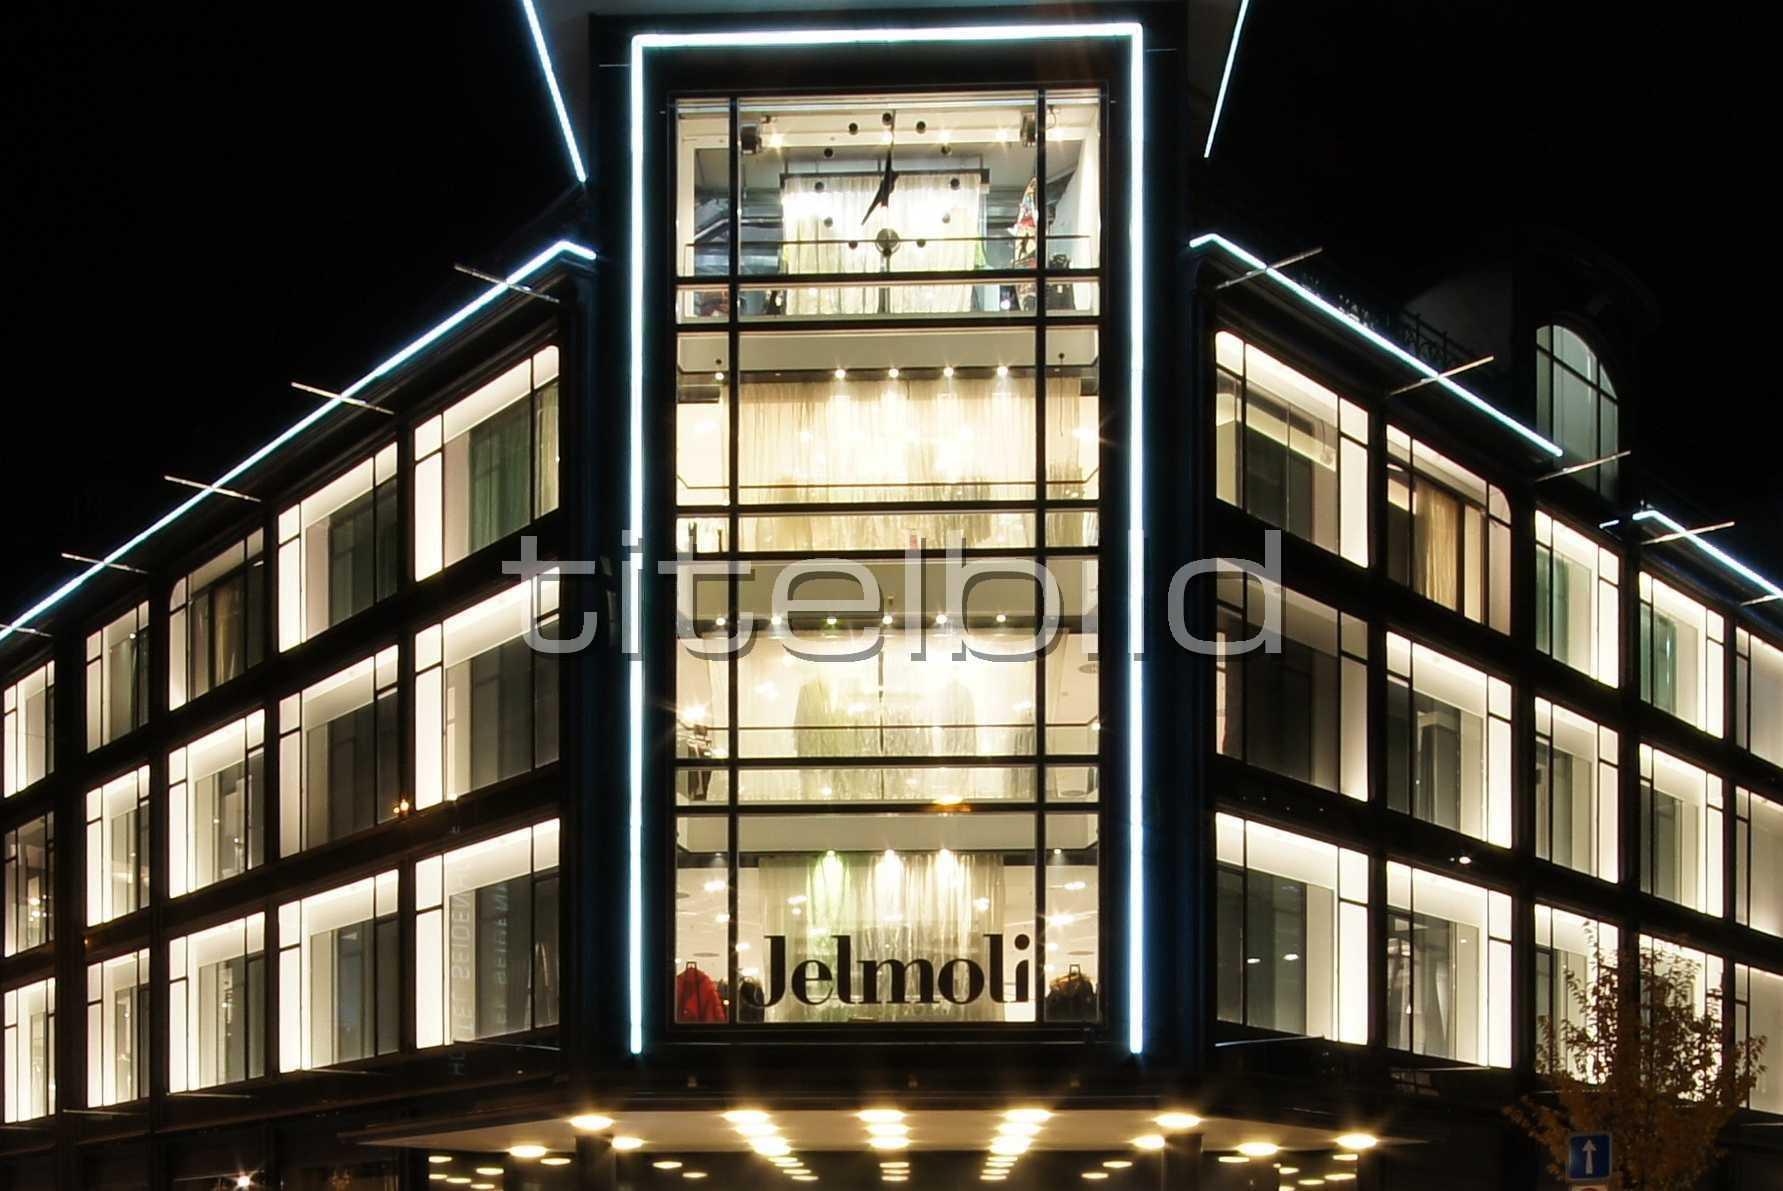 Projektbild-Nr. 1: Jelmoli - House of Brands